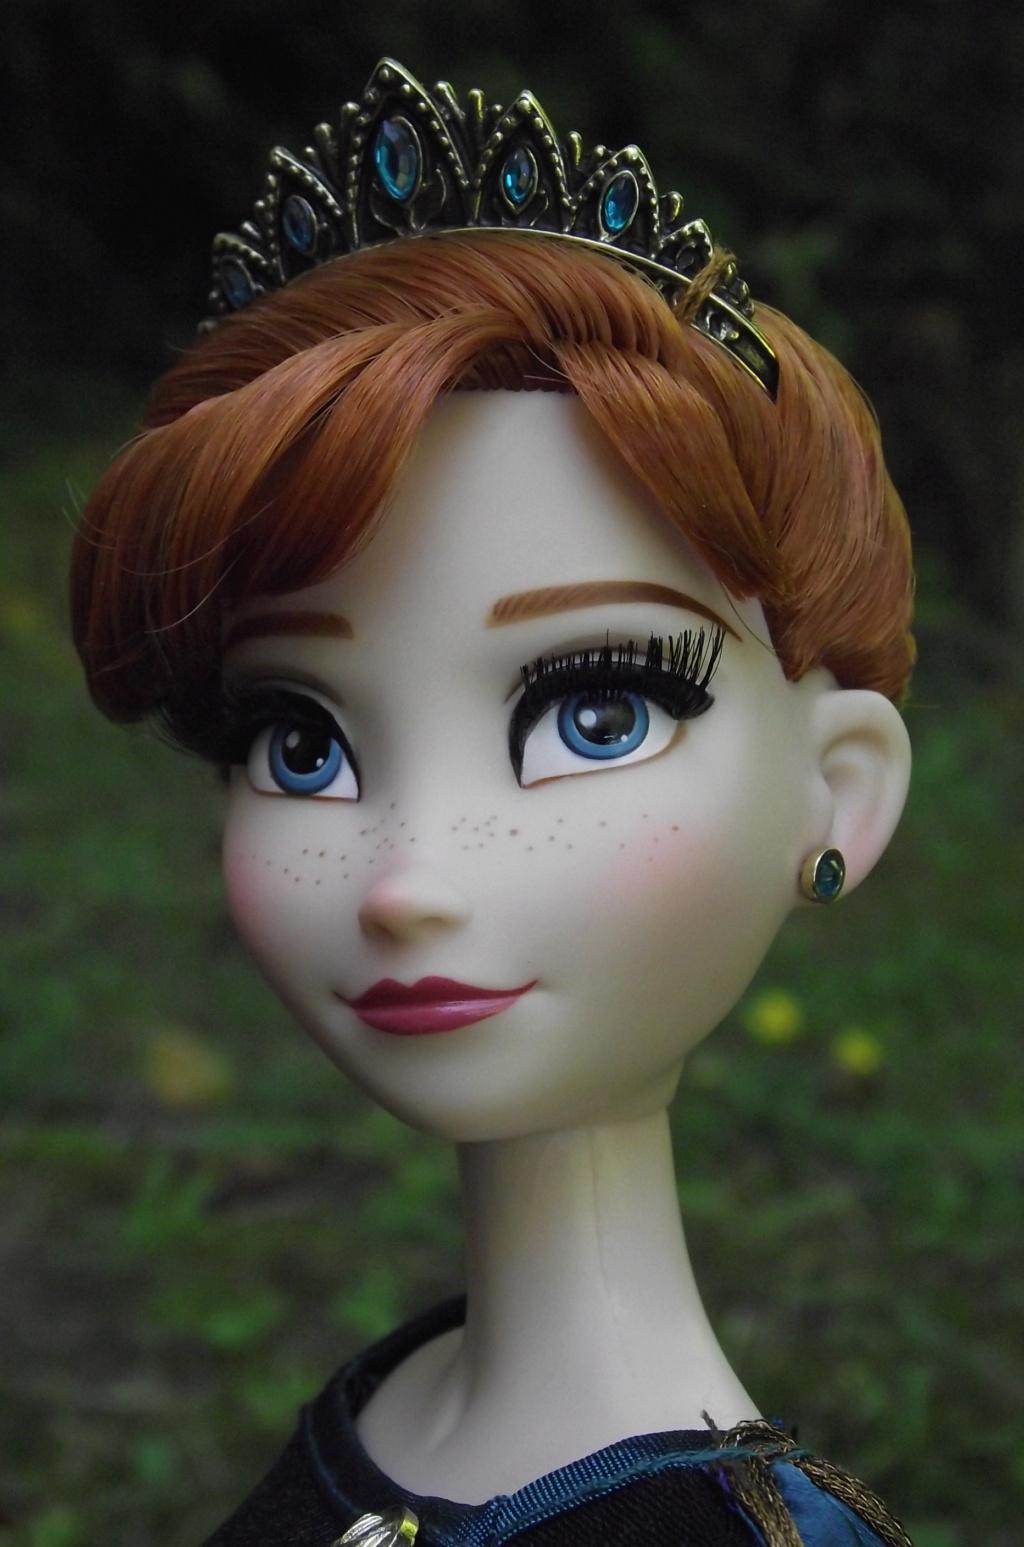 Nos poupées LE en photo : Pour le plaisir de partager - Page 29 Dscf4124